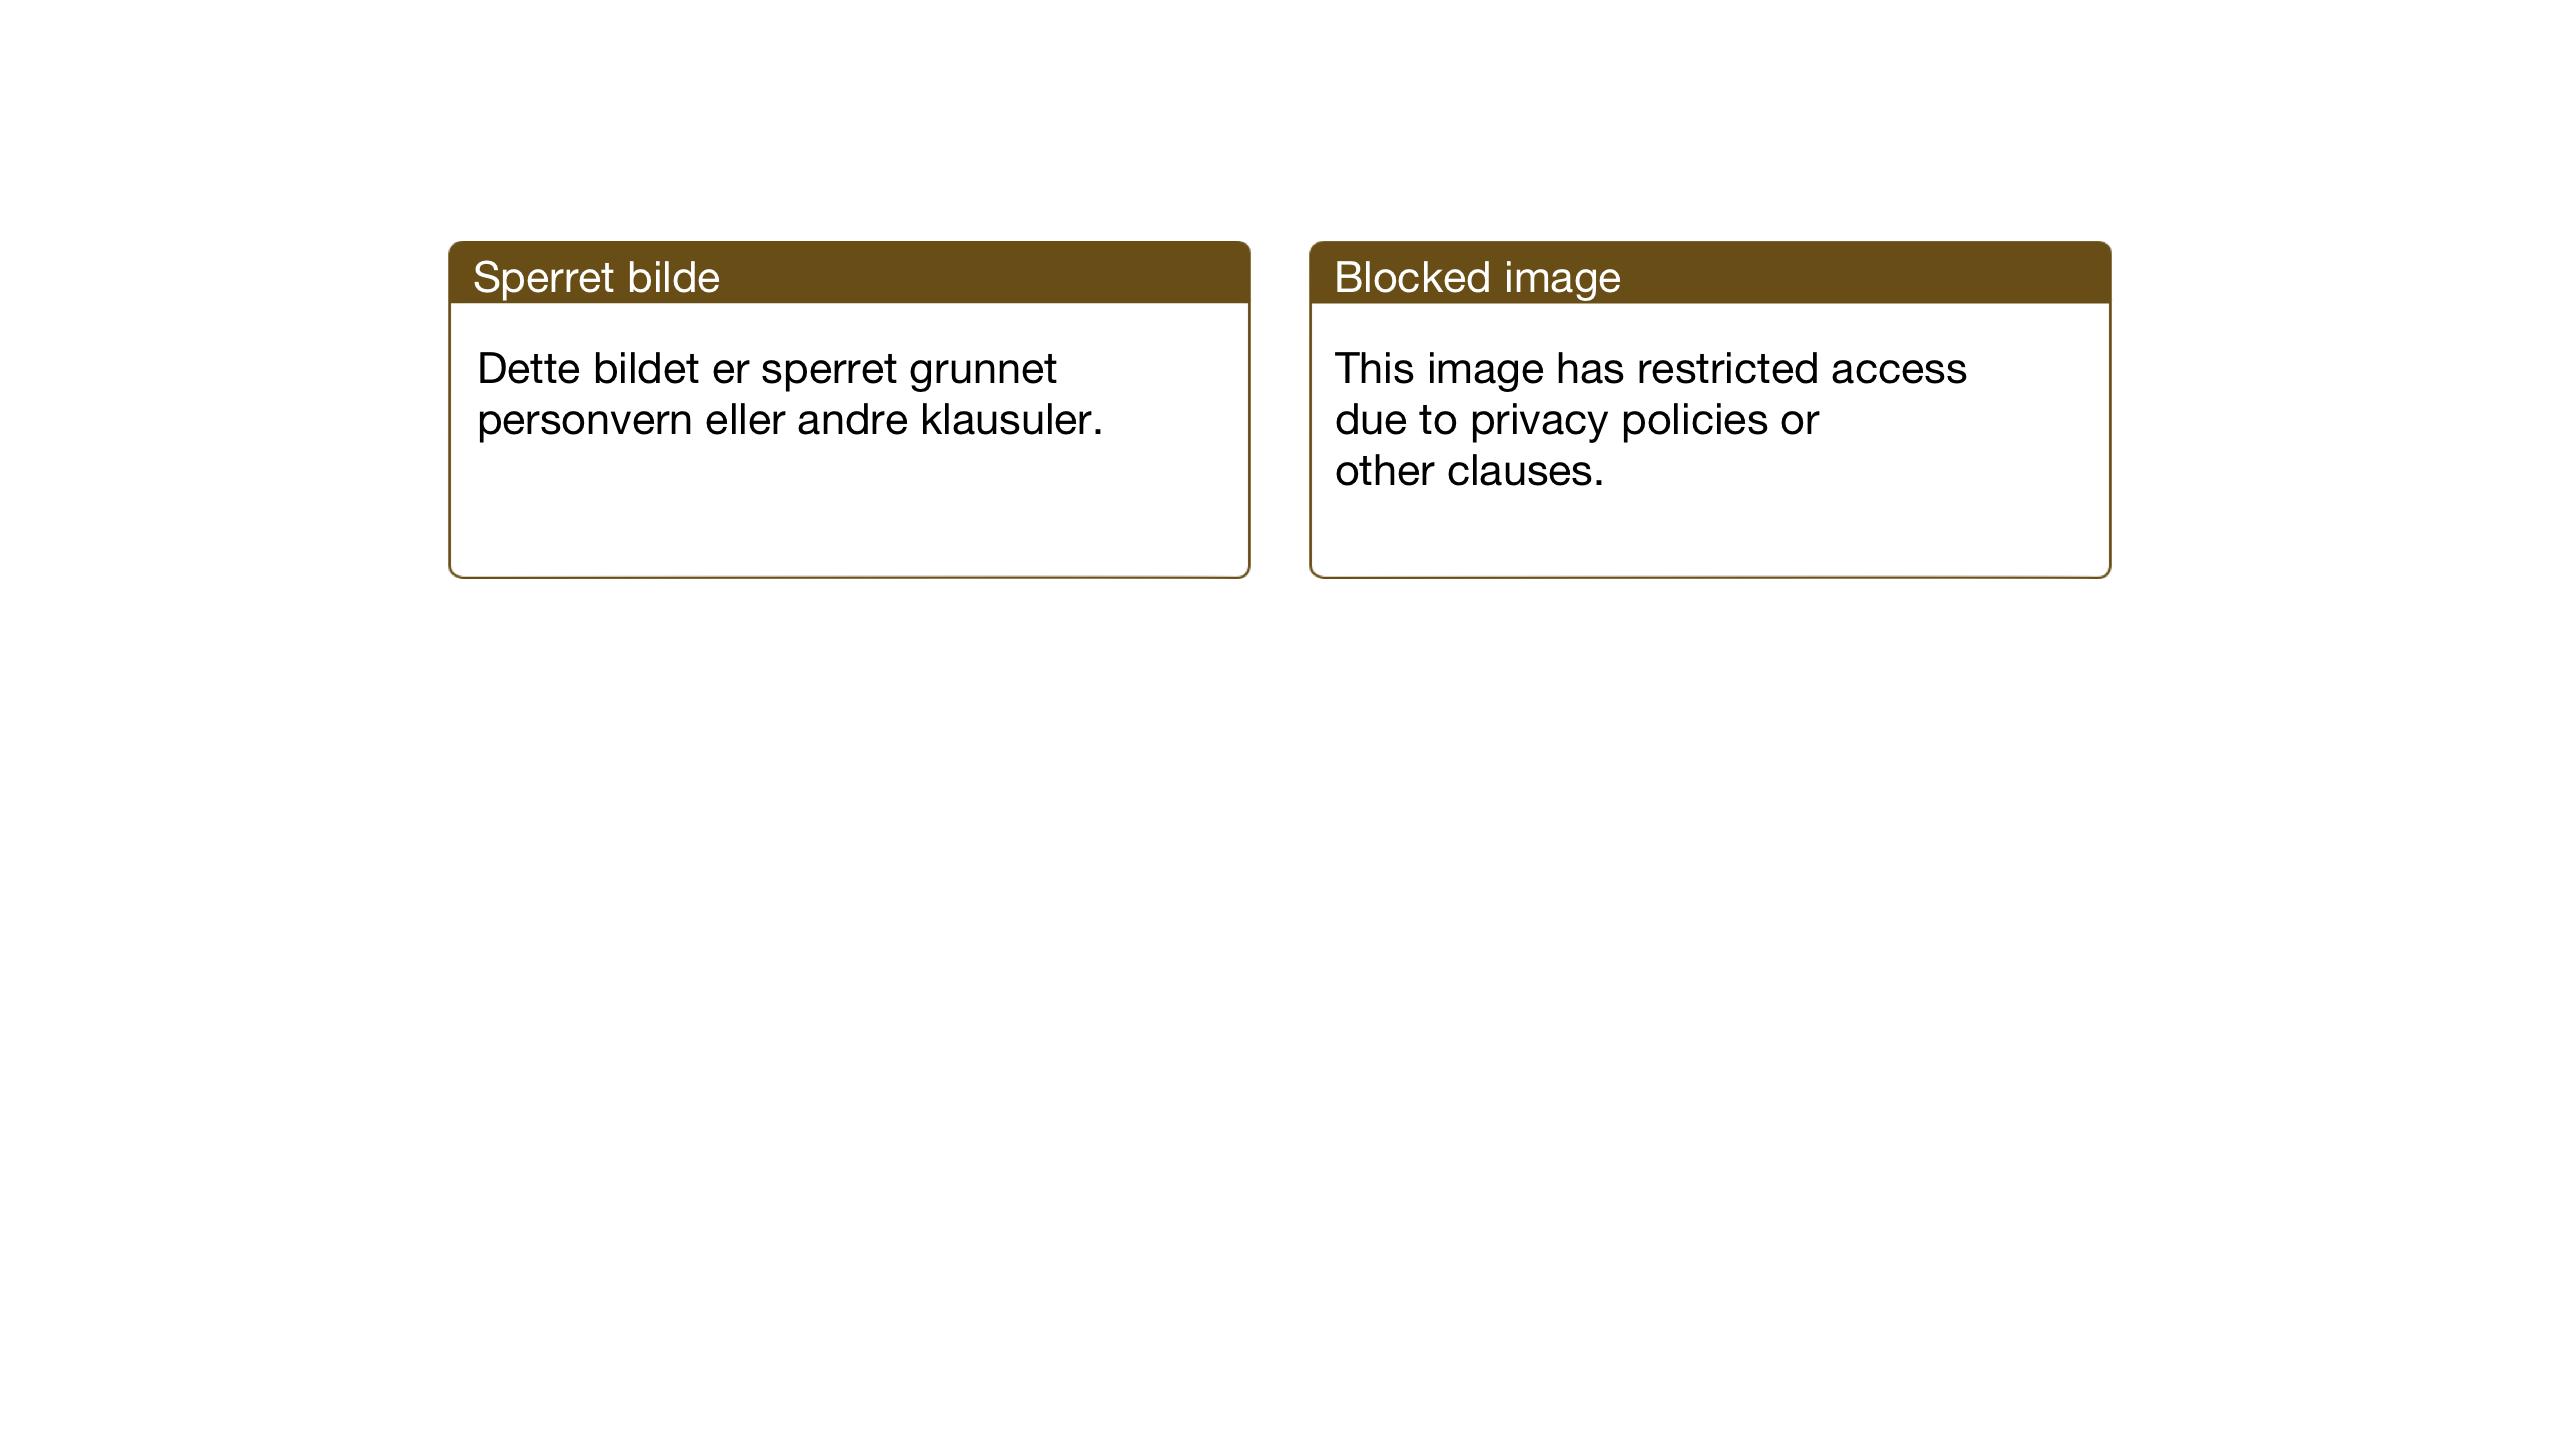 SAT, Ministerialprotokoller, klokkerbøker og fødselsregistre - Sør-Trøndelag, 689/L1045: Klokkerbok nr. 689C04, 1923-1940, s. 61